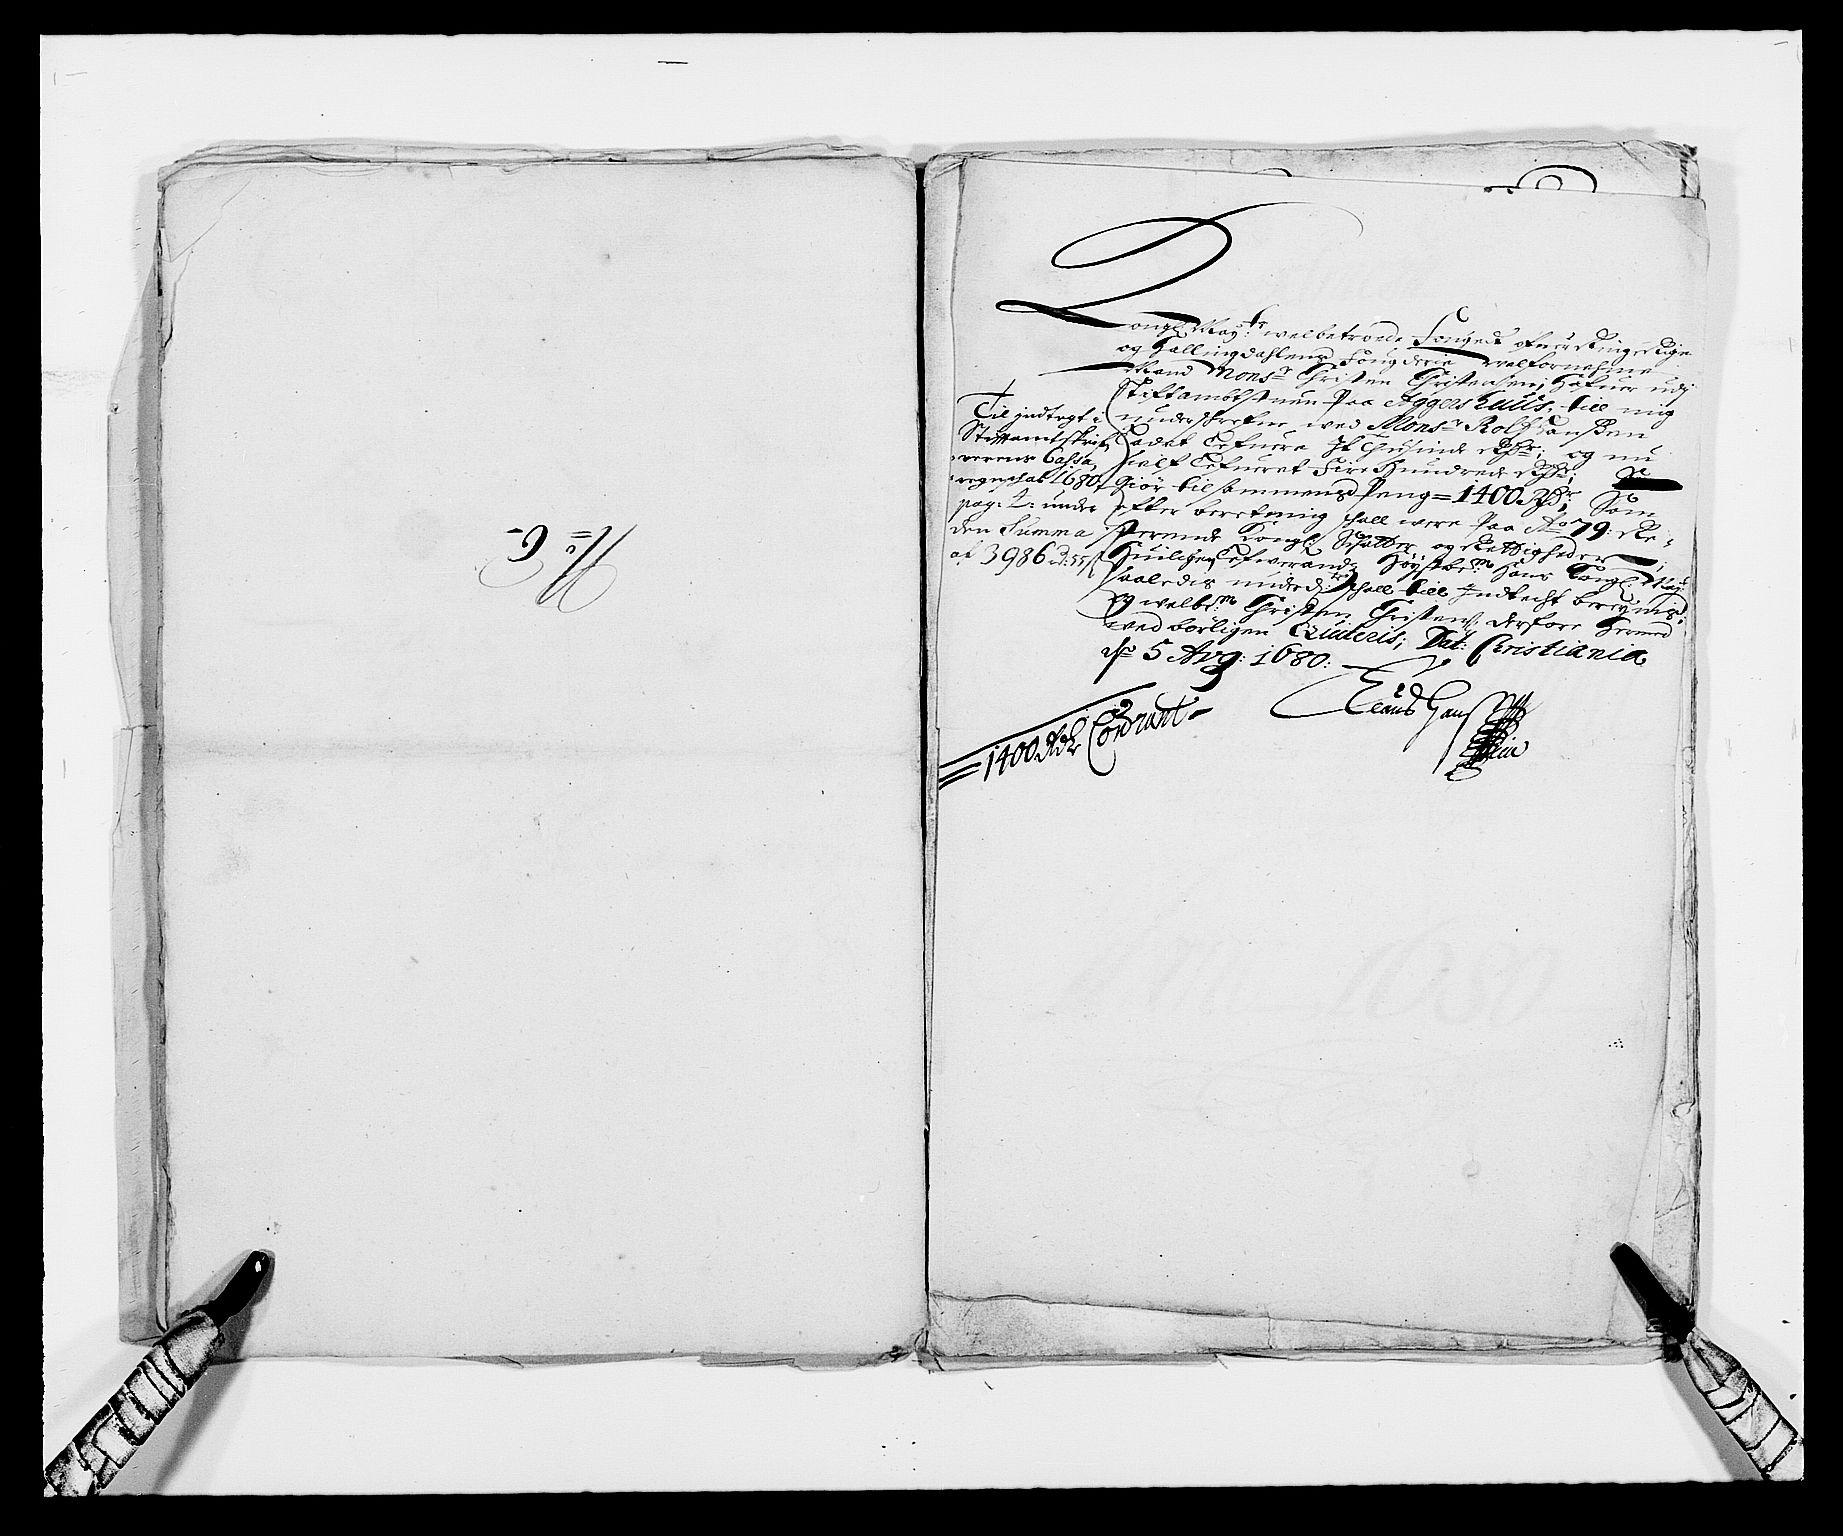 RA, Rentekammeret inntil 1814, Reviderte regnskaper, Fogderegnskap, R21/L1443: Fogderegnskap Ringerike og Hallingdal, 1678-1680, s. 384